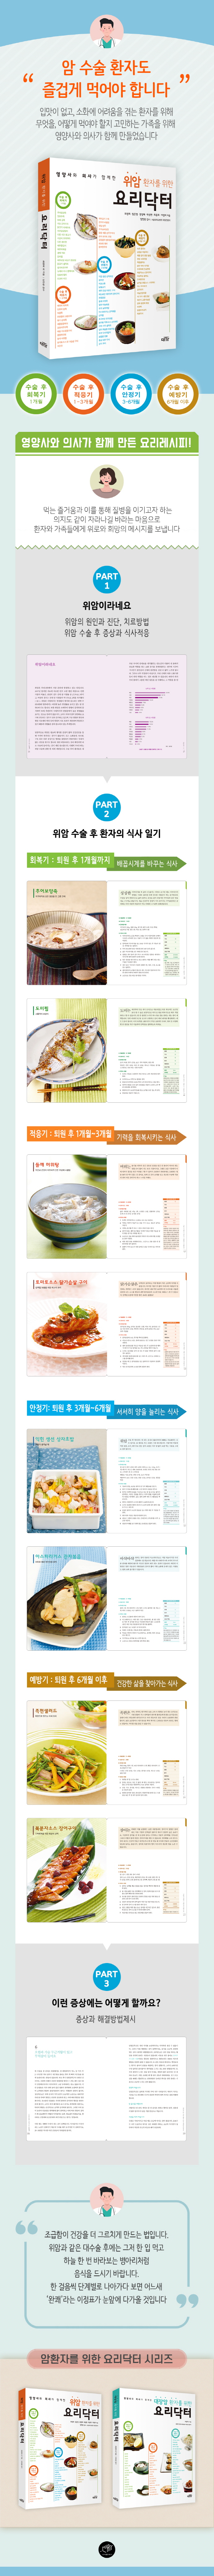 위암 환자를 위한 요리닥터(영양사와 의사가 함께한) 도서 상세이미지